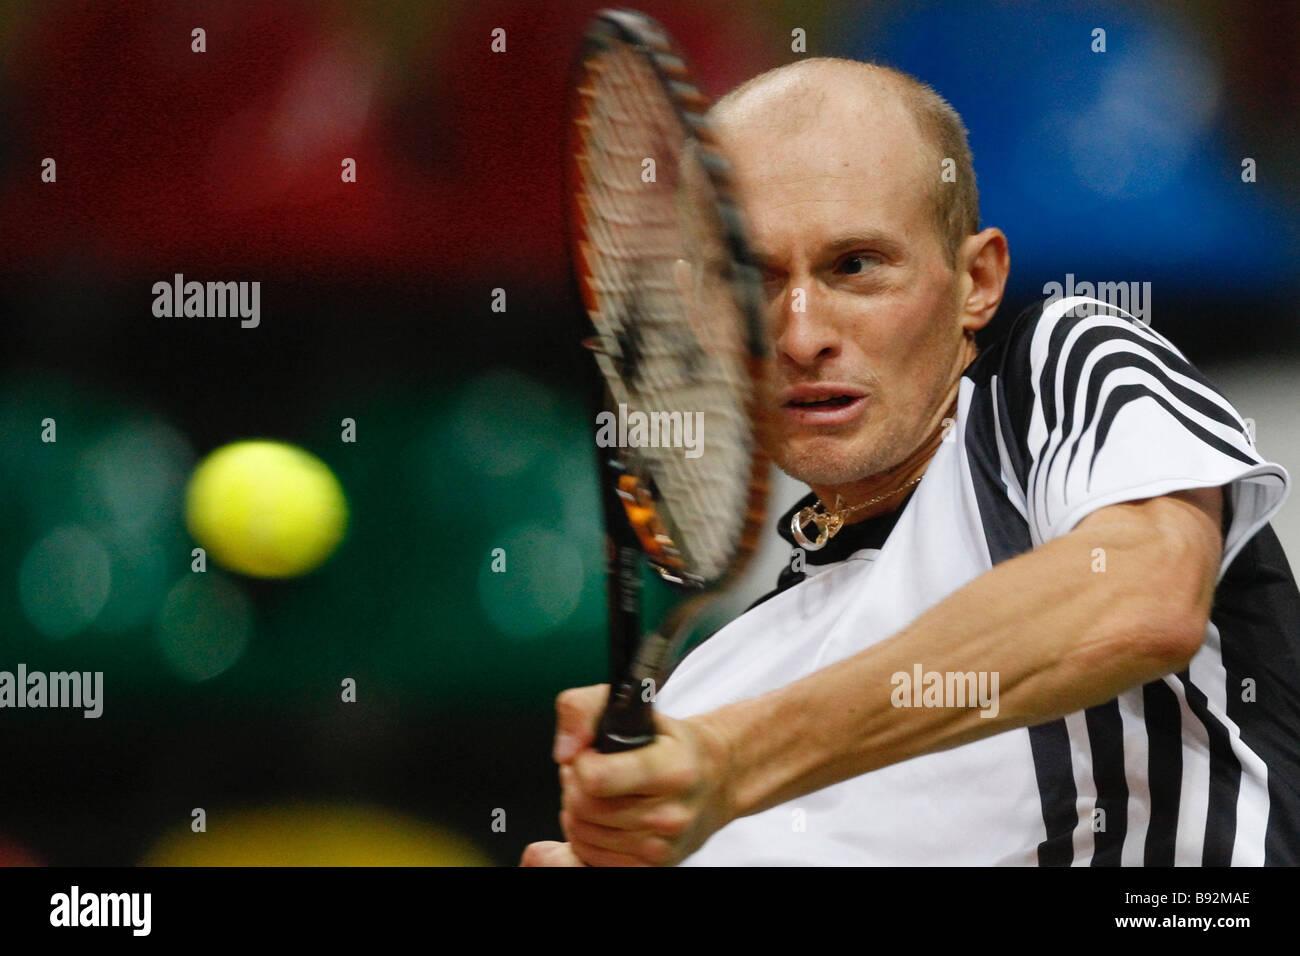 El tenista ruso Nikolay Davydenko practicando para la próxima Copa Davis primera ronda match entre Rusia y Serbia Foto de stock